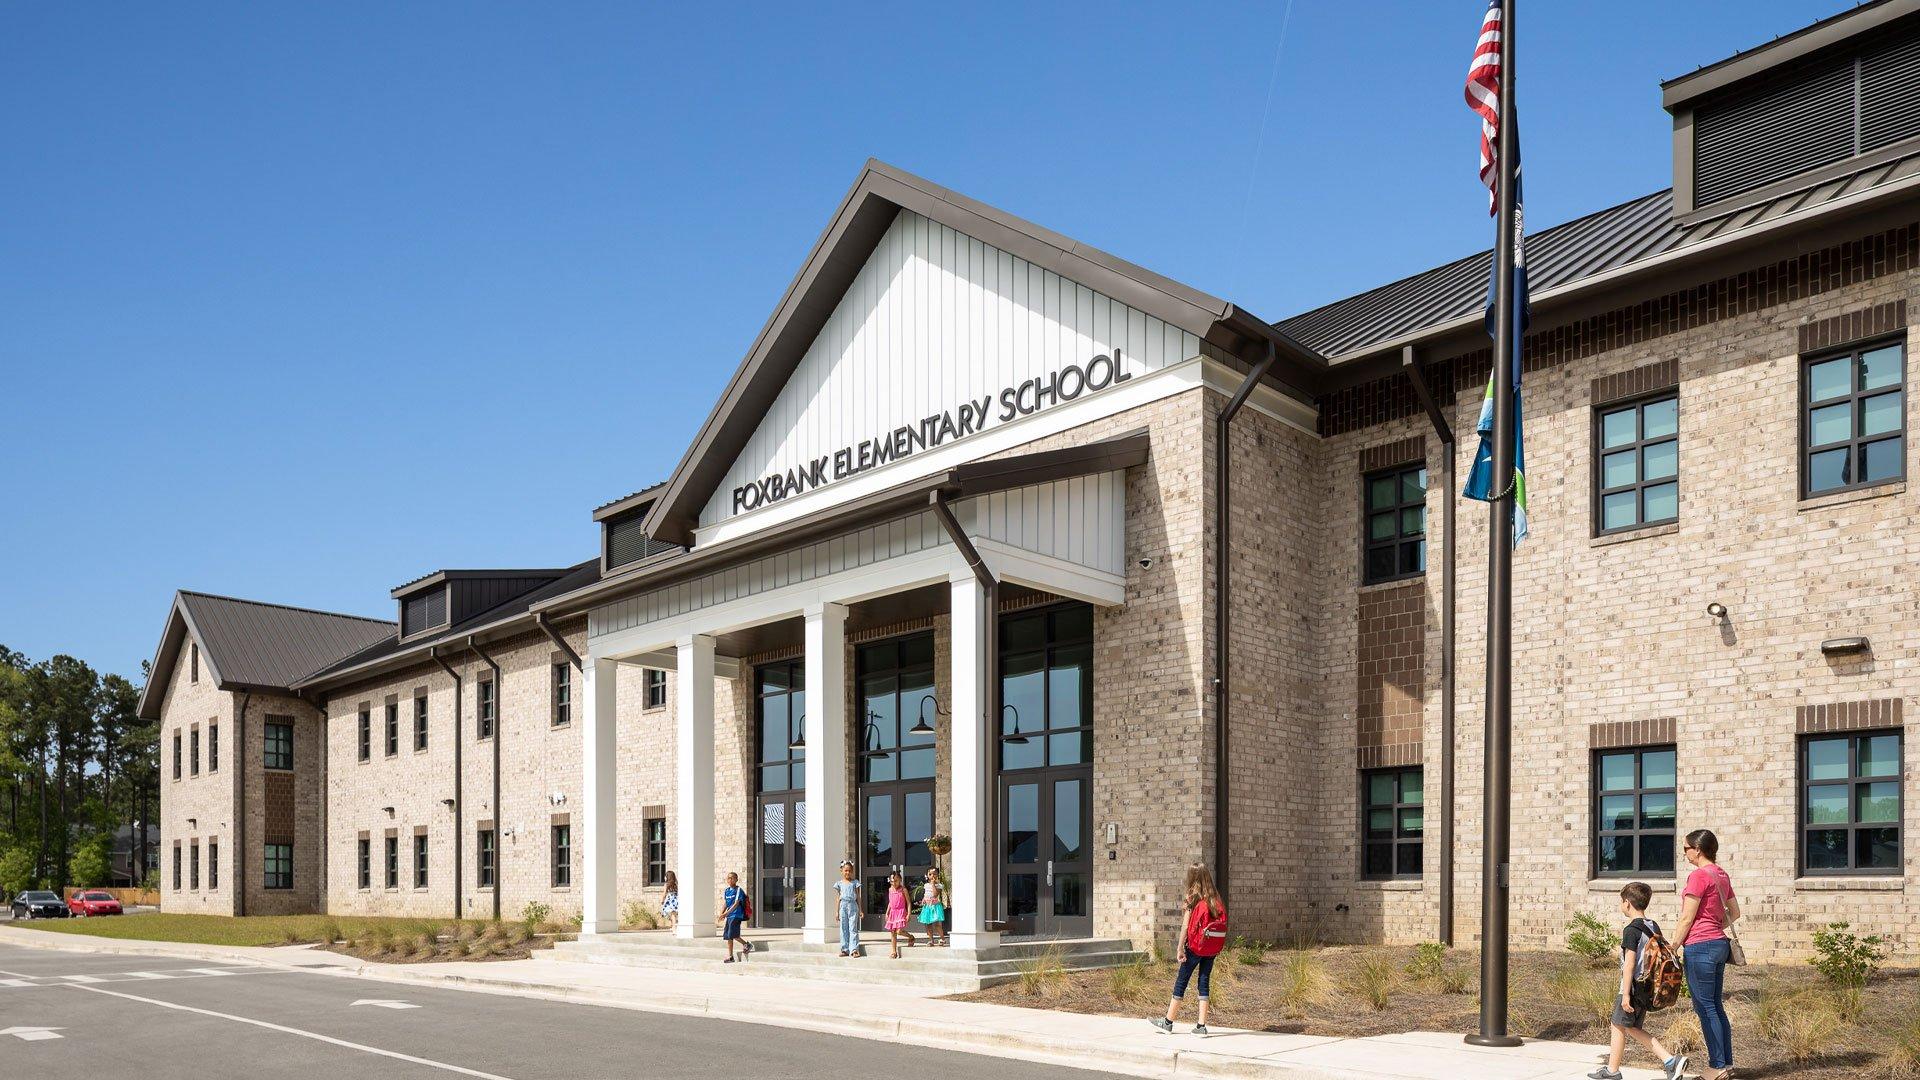 Foxbank Elementary School, Berkeley County School District